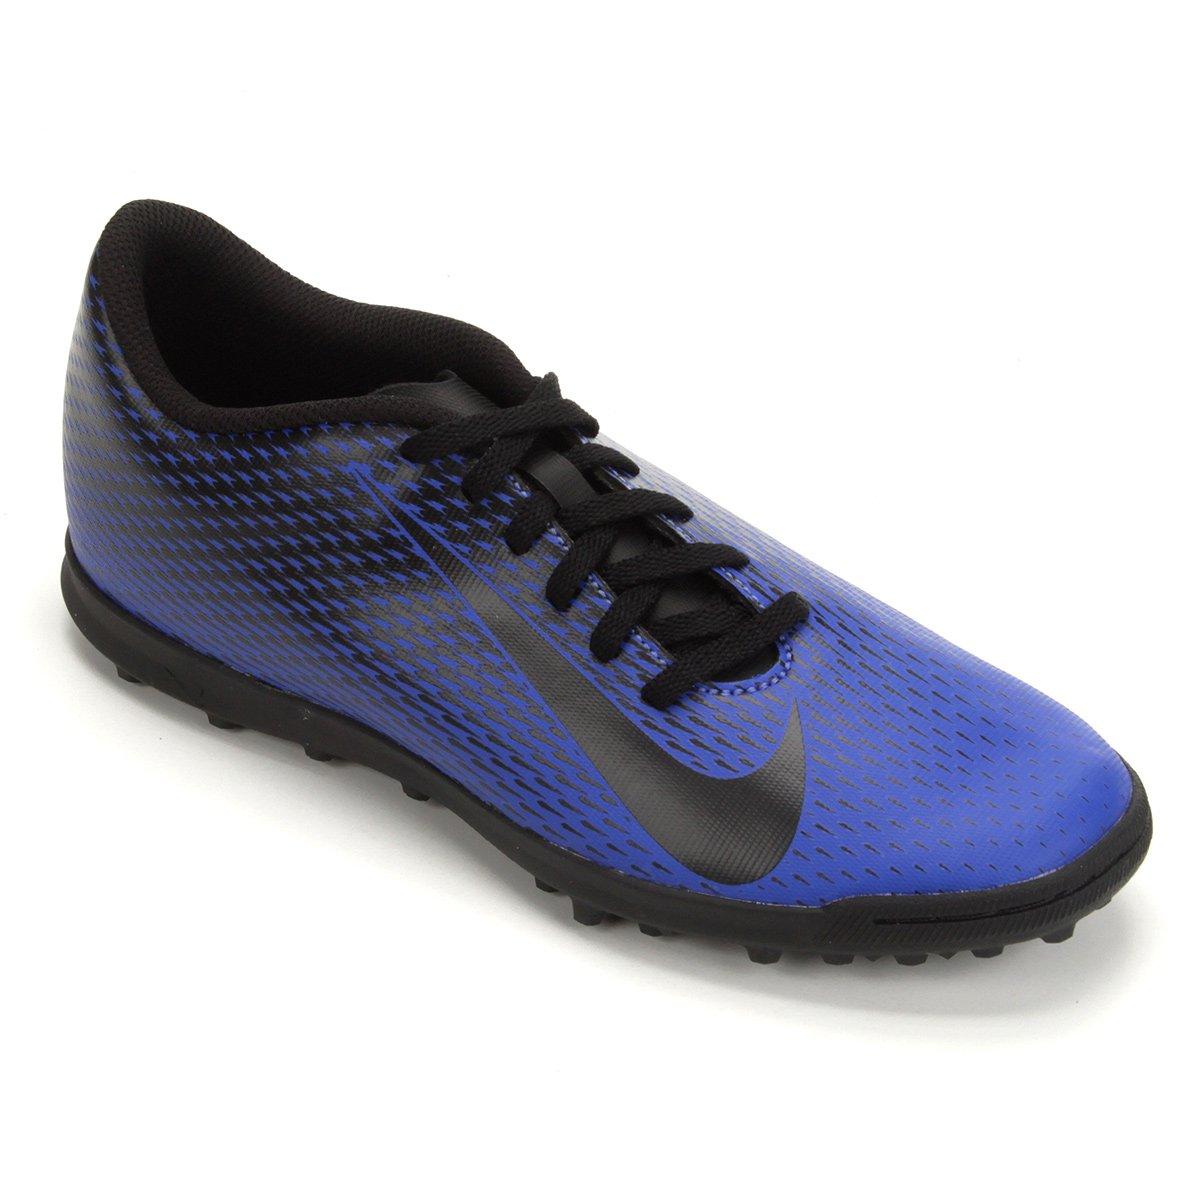 e4e60e4485 Chuteira Society Nike Bravata 2 TF - Azul e Preto - Compre Agora ...